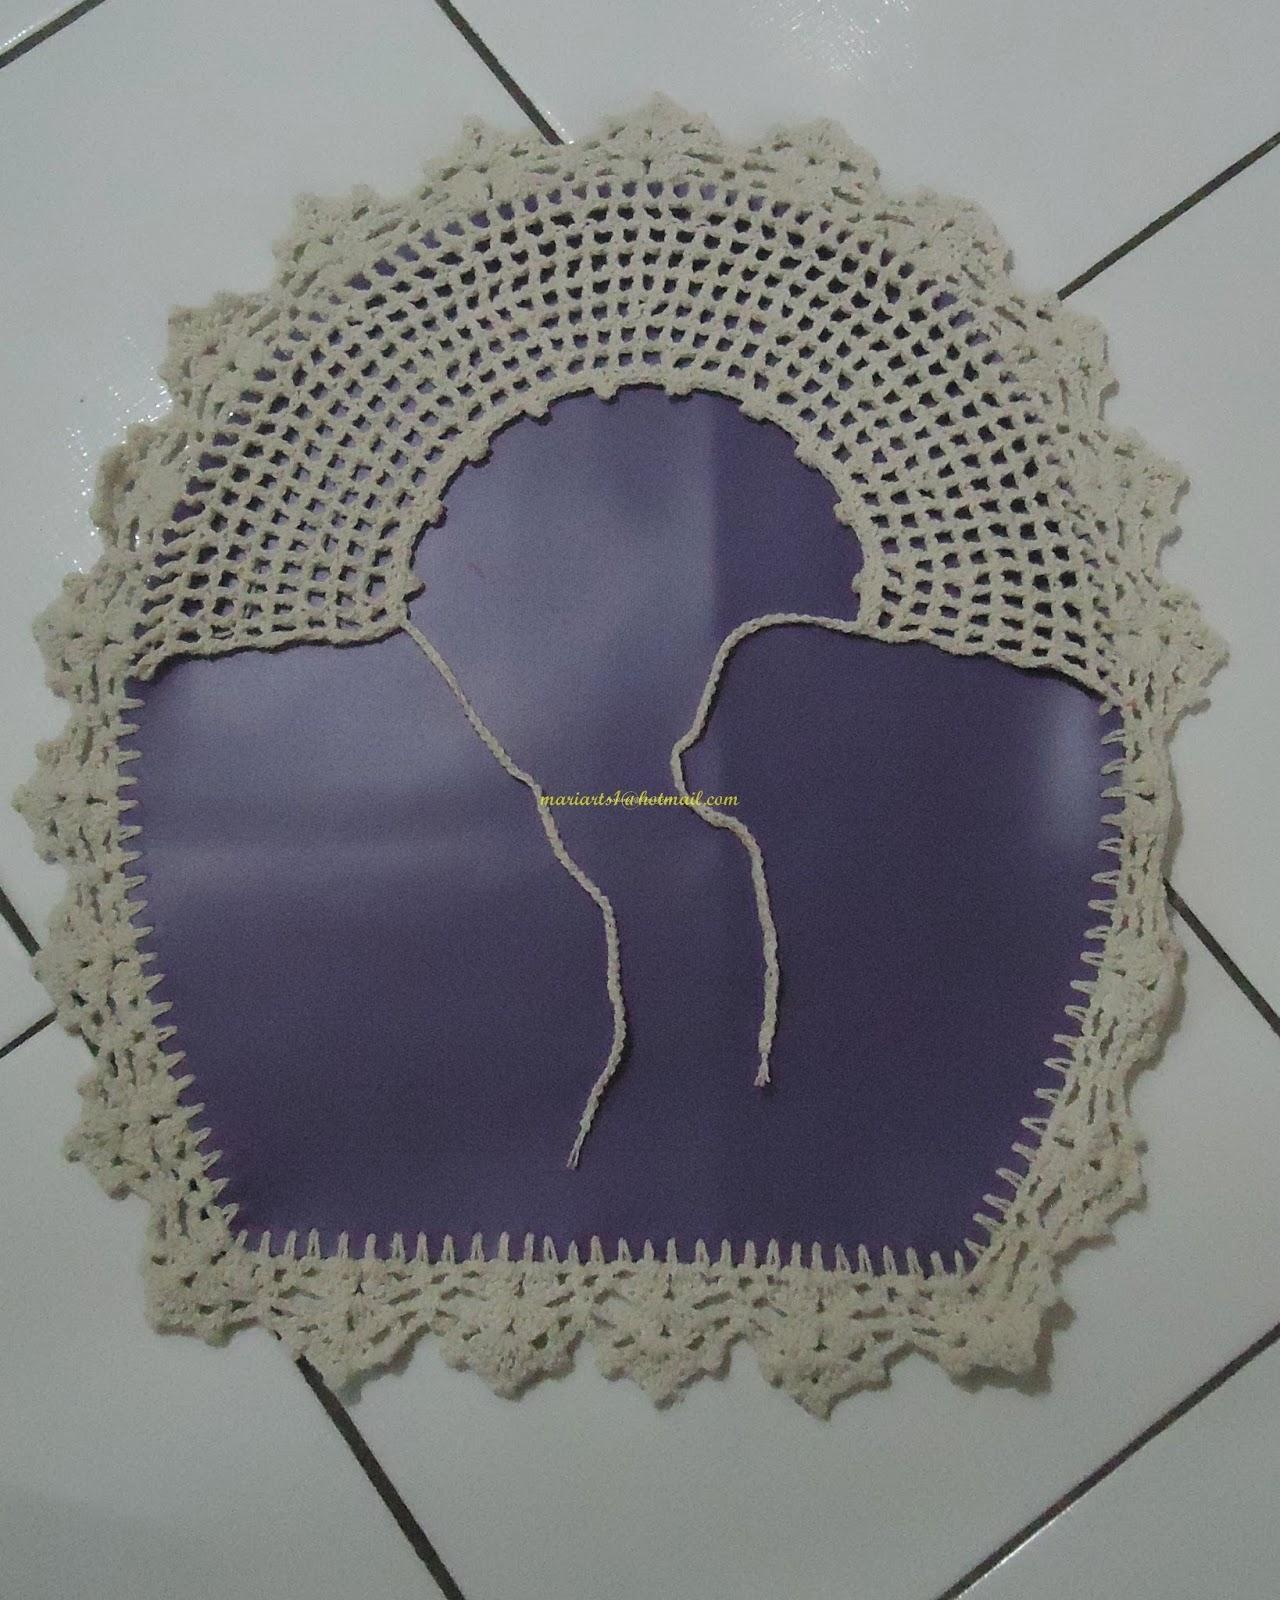 Artes da Maria Moça: Jogos de Banheiro em Emborrachado com acabamento  #4B475E 1280 1600